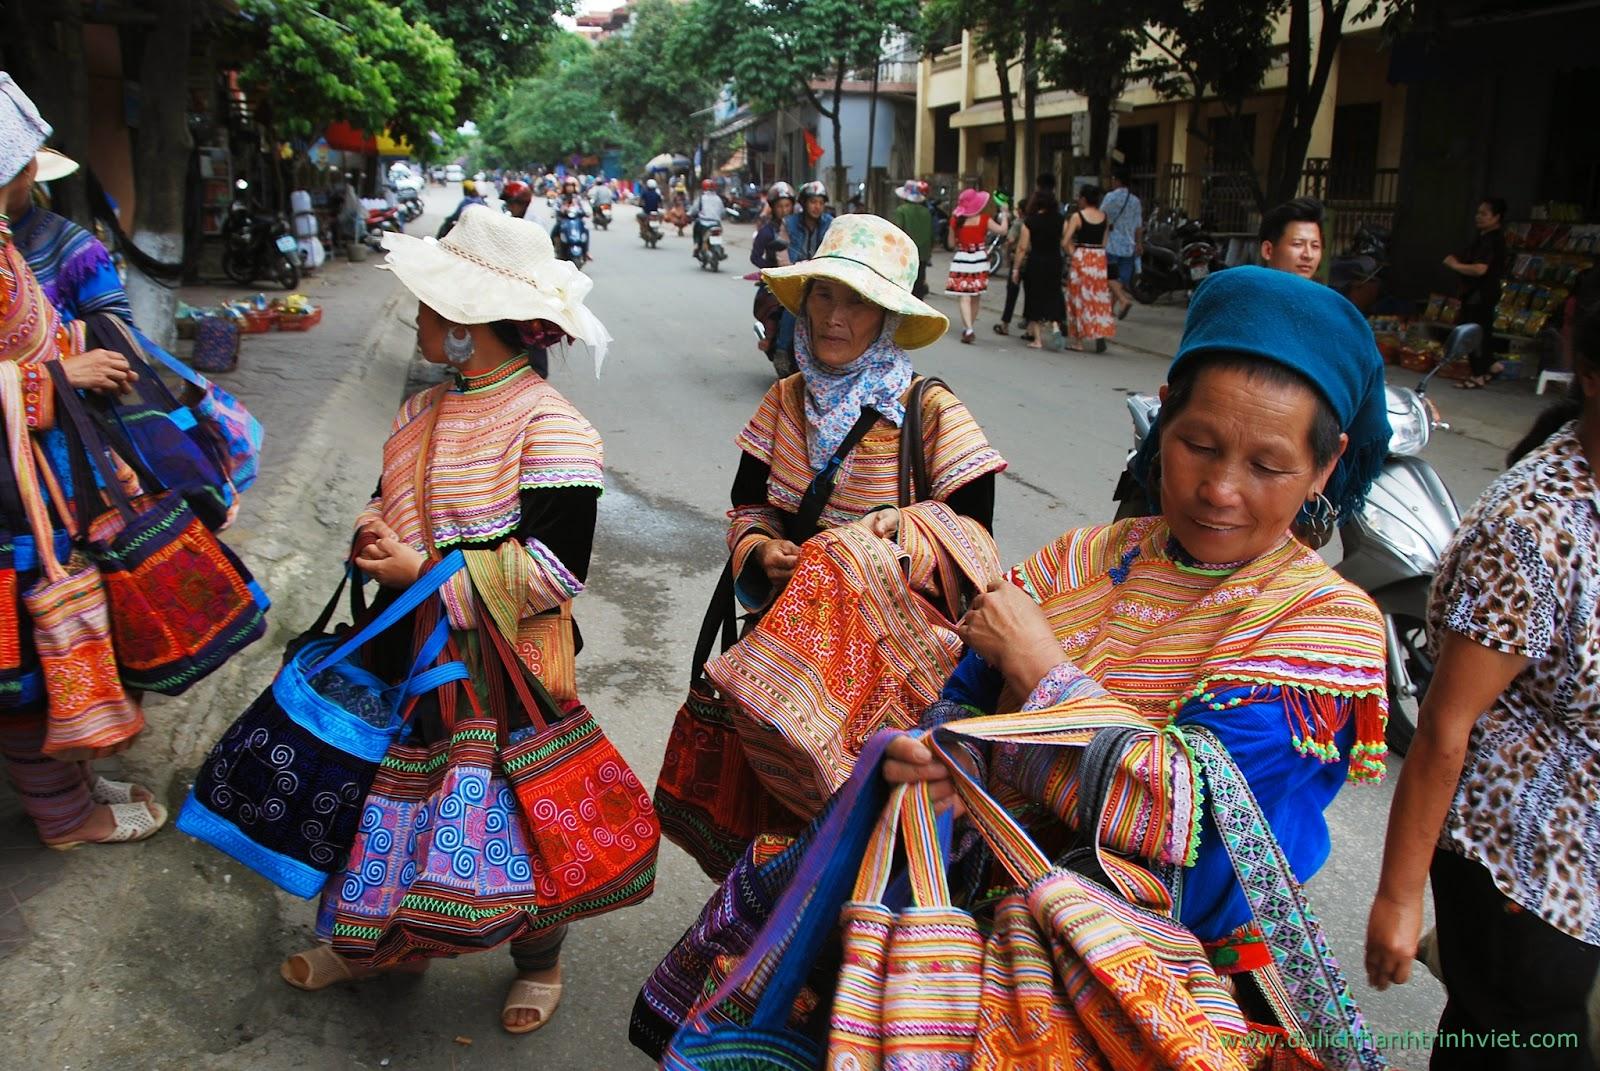 Du lịch tham quan chợ phiên Bắc Hà, Lào Cai